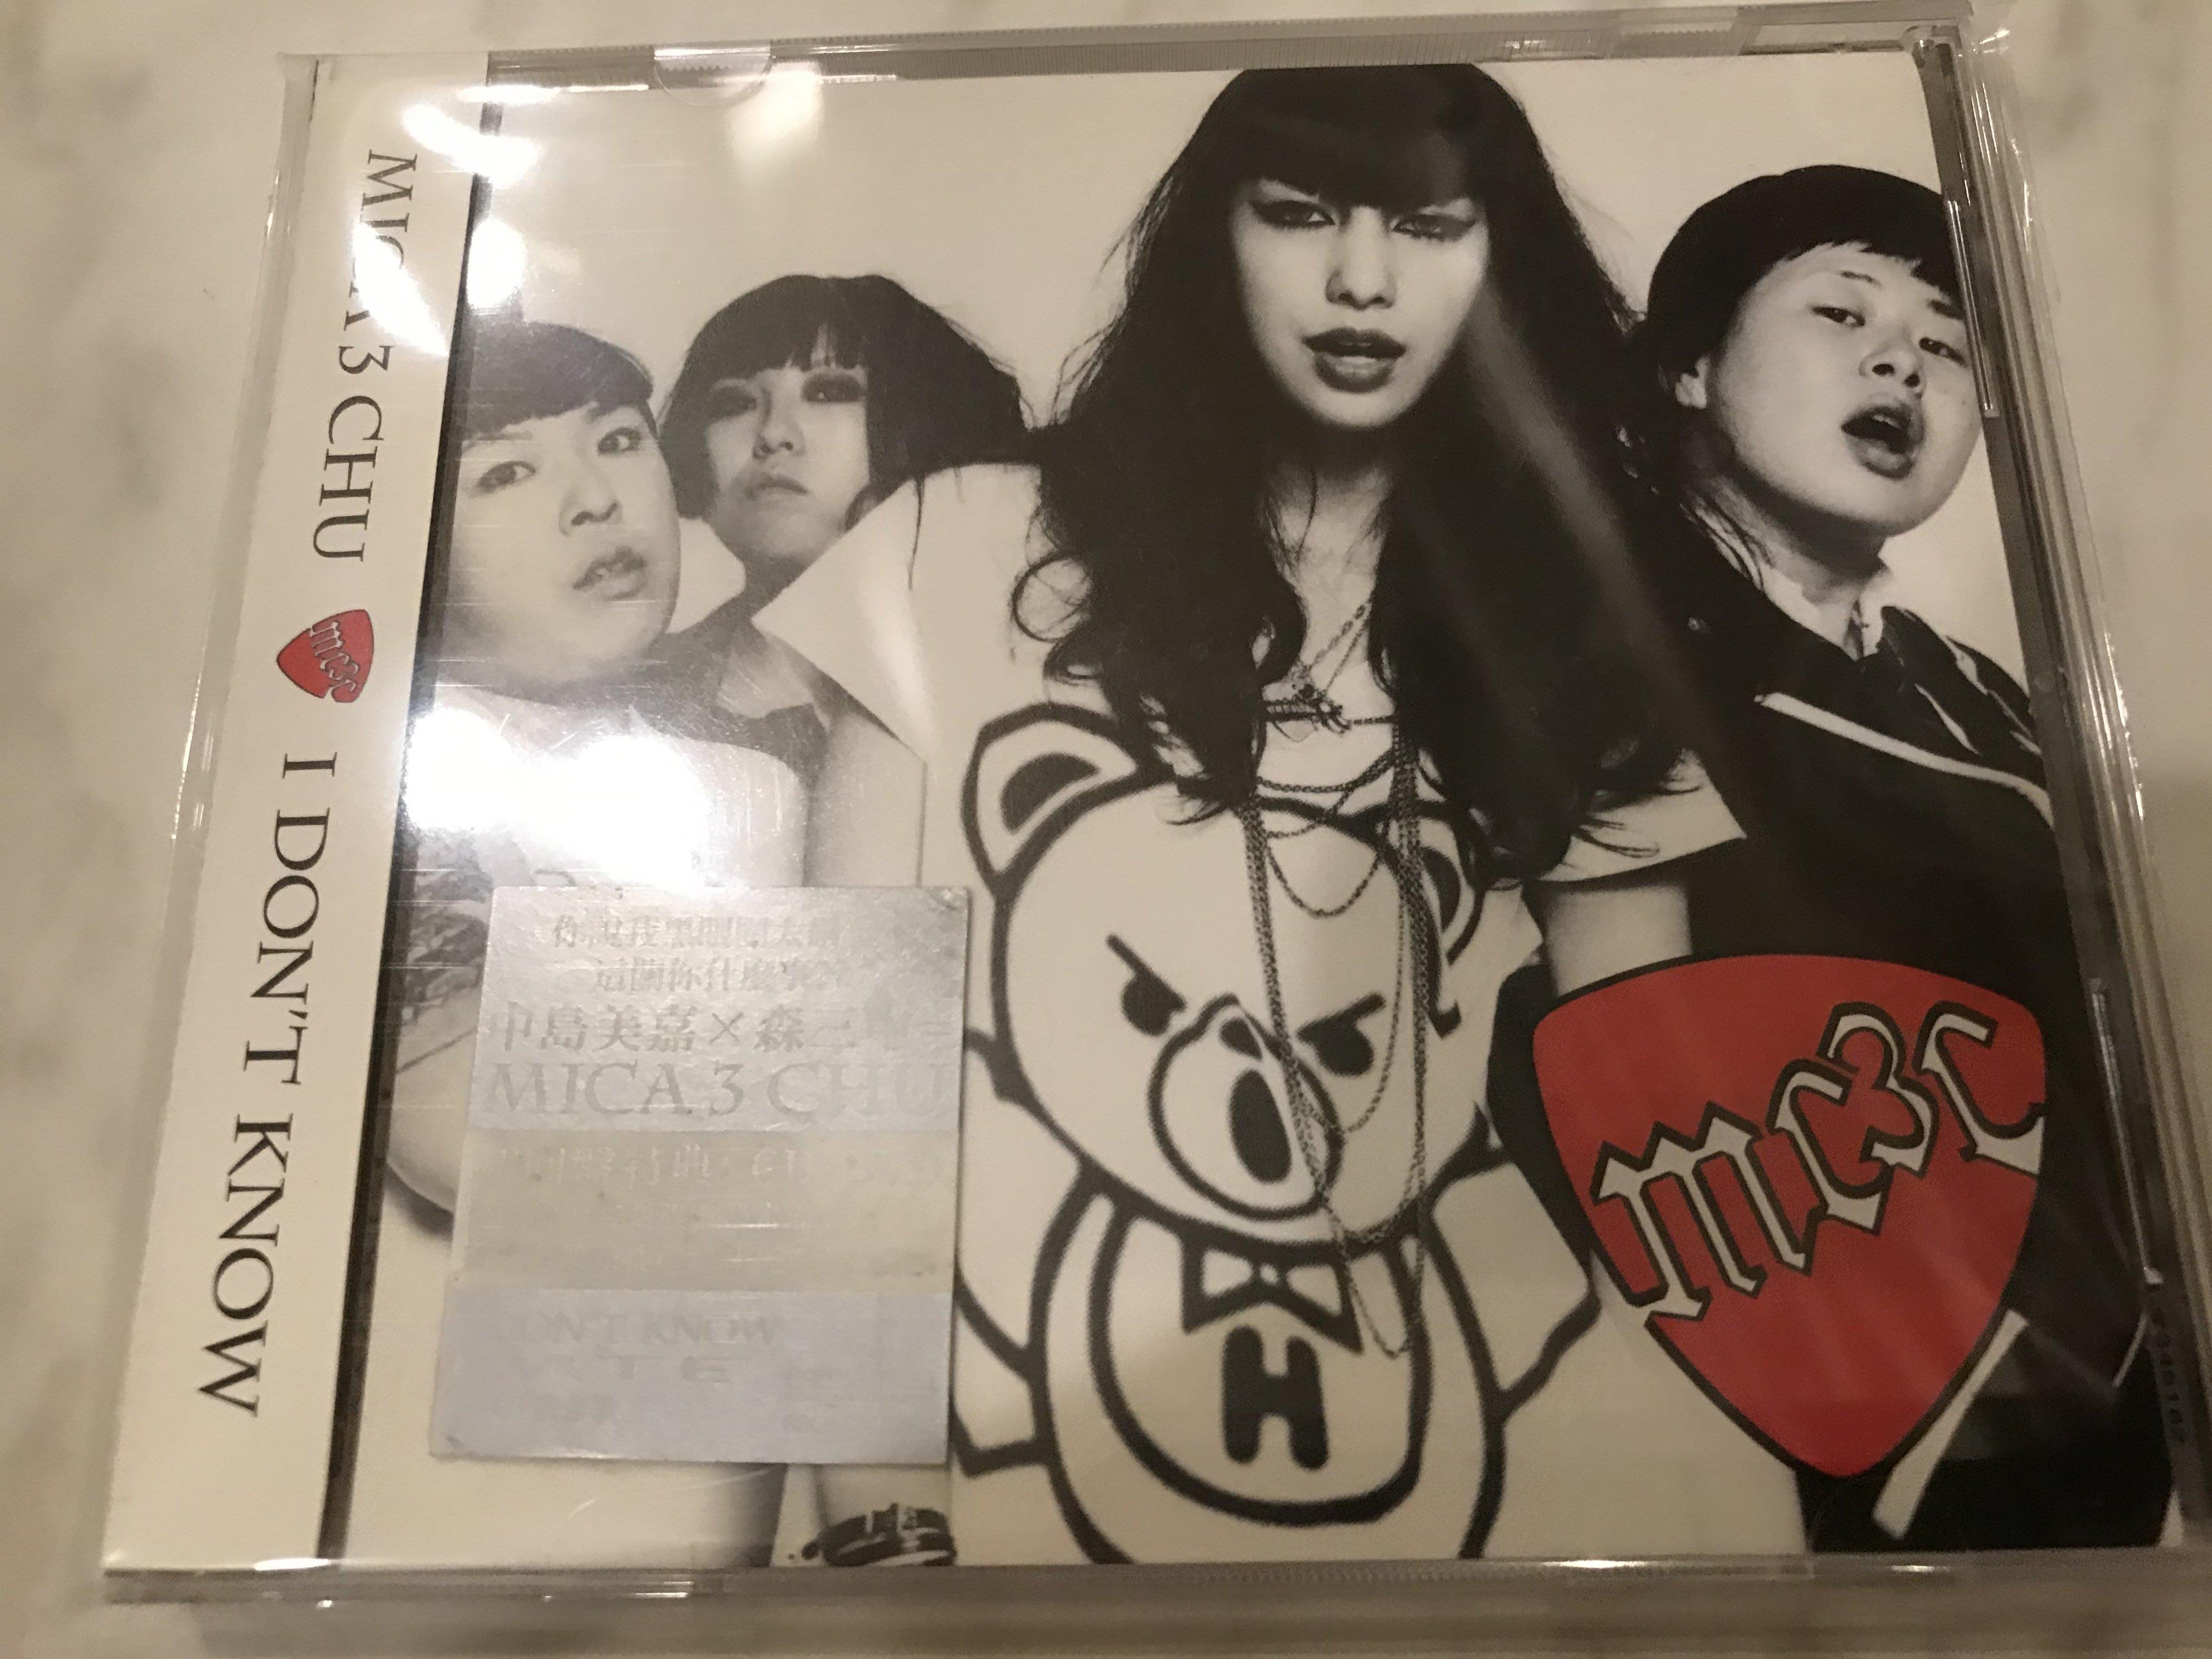 台灣新力 CD+DVD初回限定盤 中島美嘉 Mika 森三中/MICA 3 CHU-I Don t Know/ 附側標